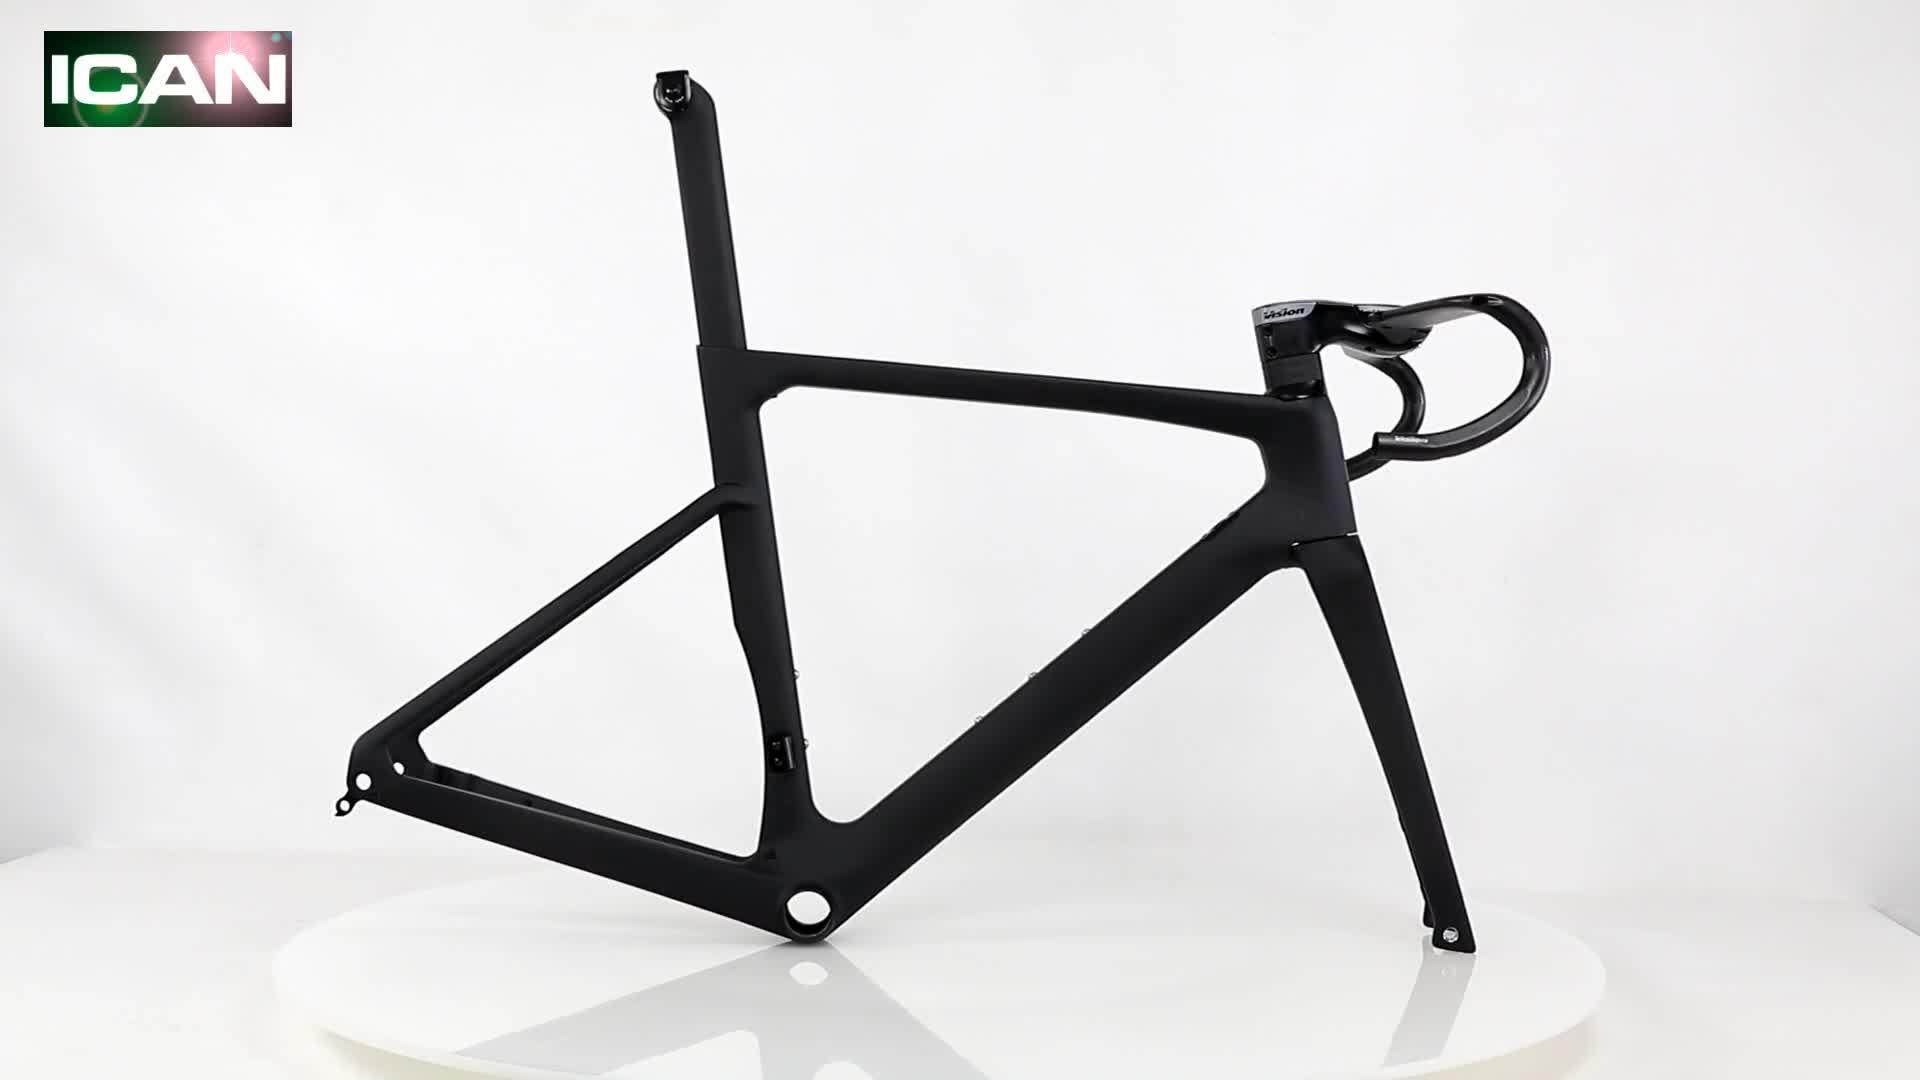 OEM के सुपर लाइट रेसिंग सड़क साइकिल T700 कार्बन फ्रेम डिस्क कार्बन सड़क बाइक फ्रेम